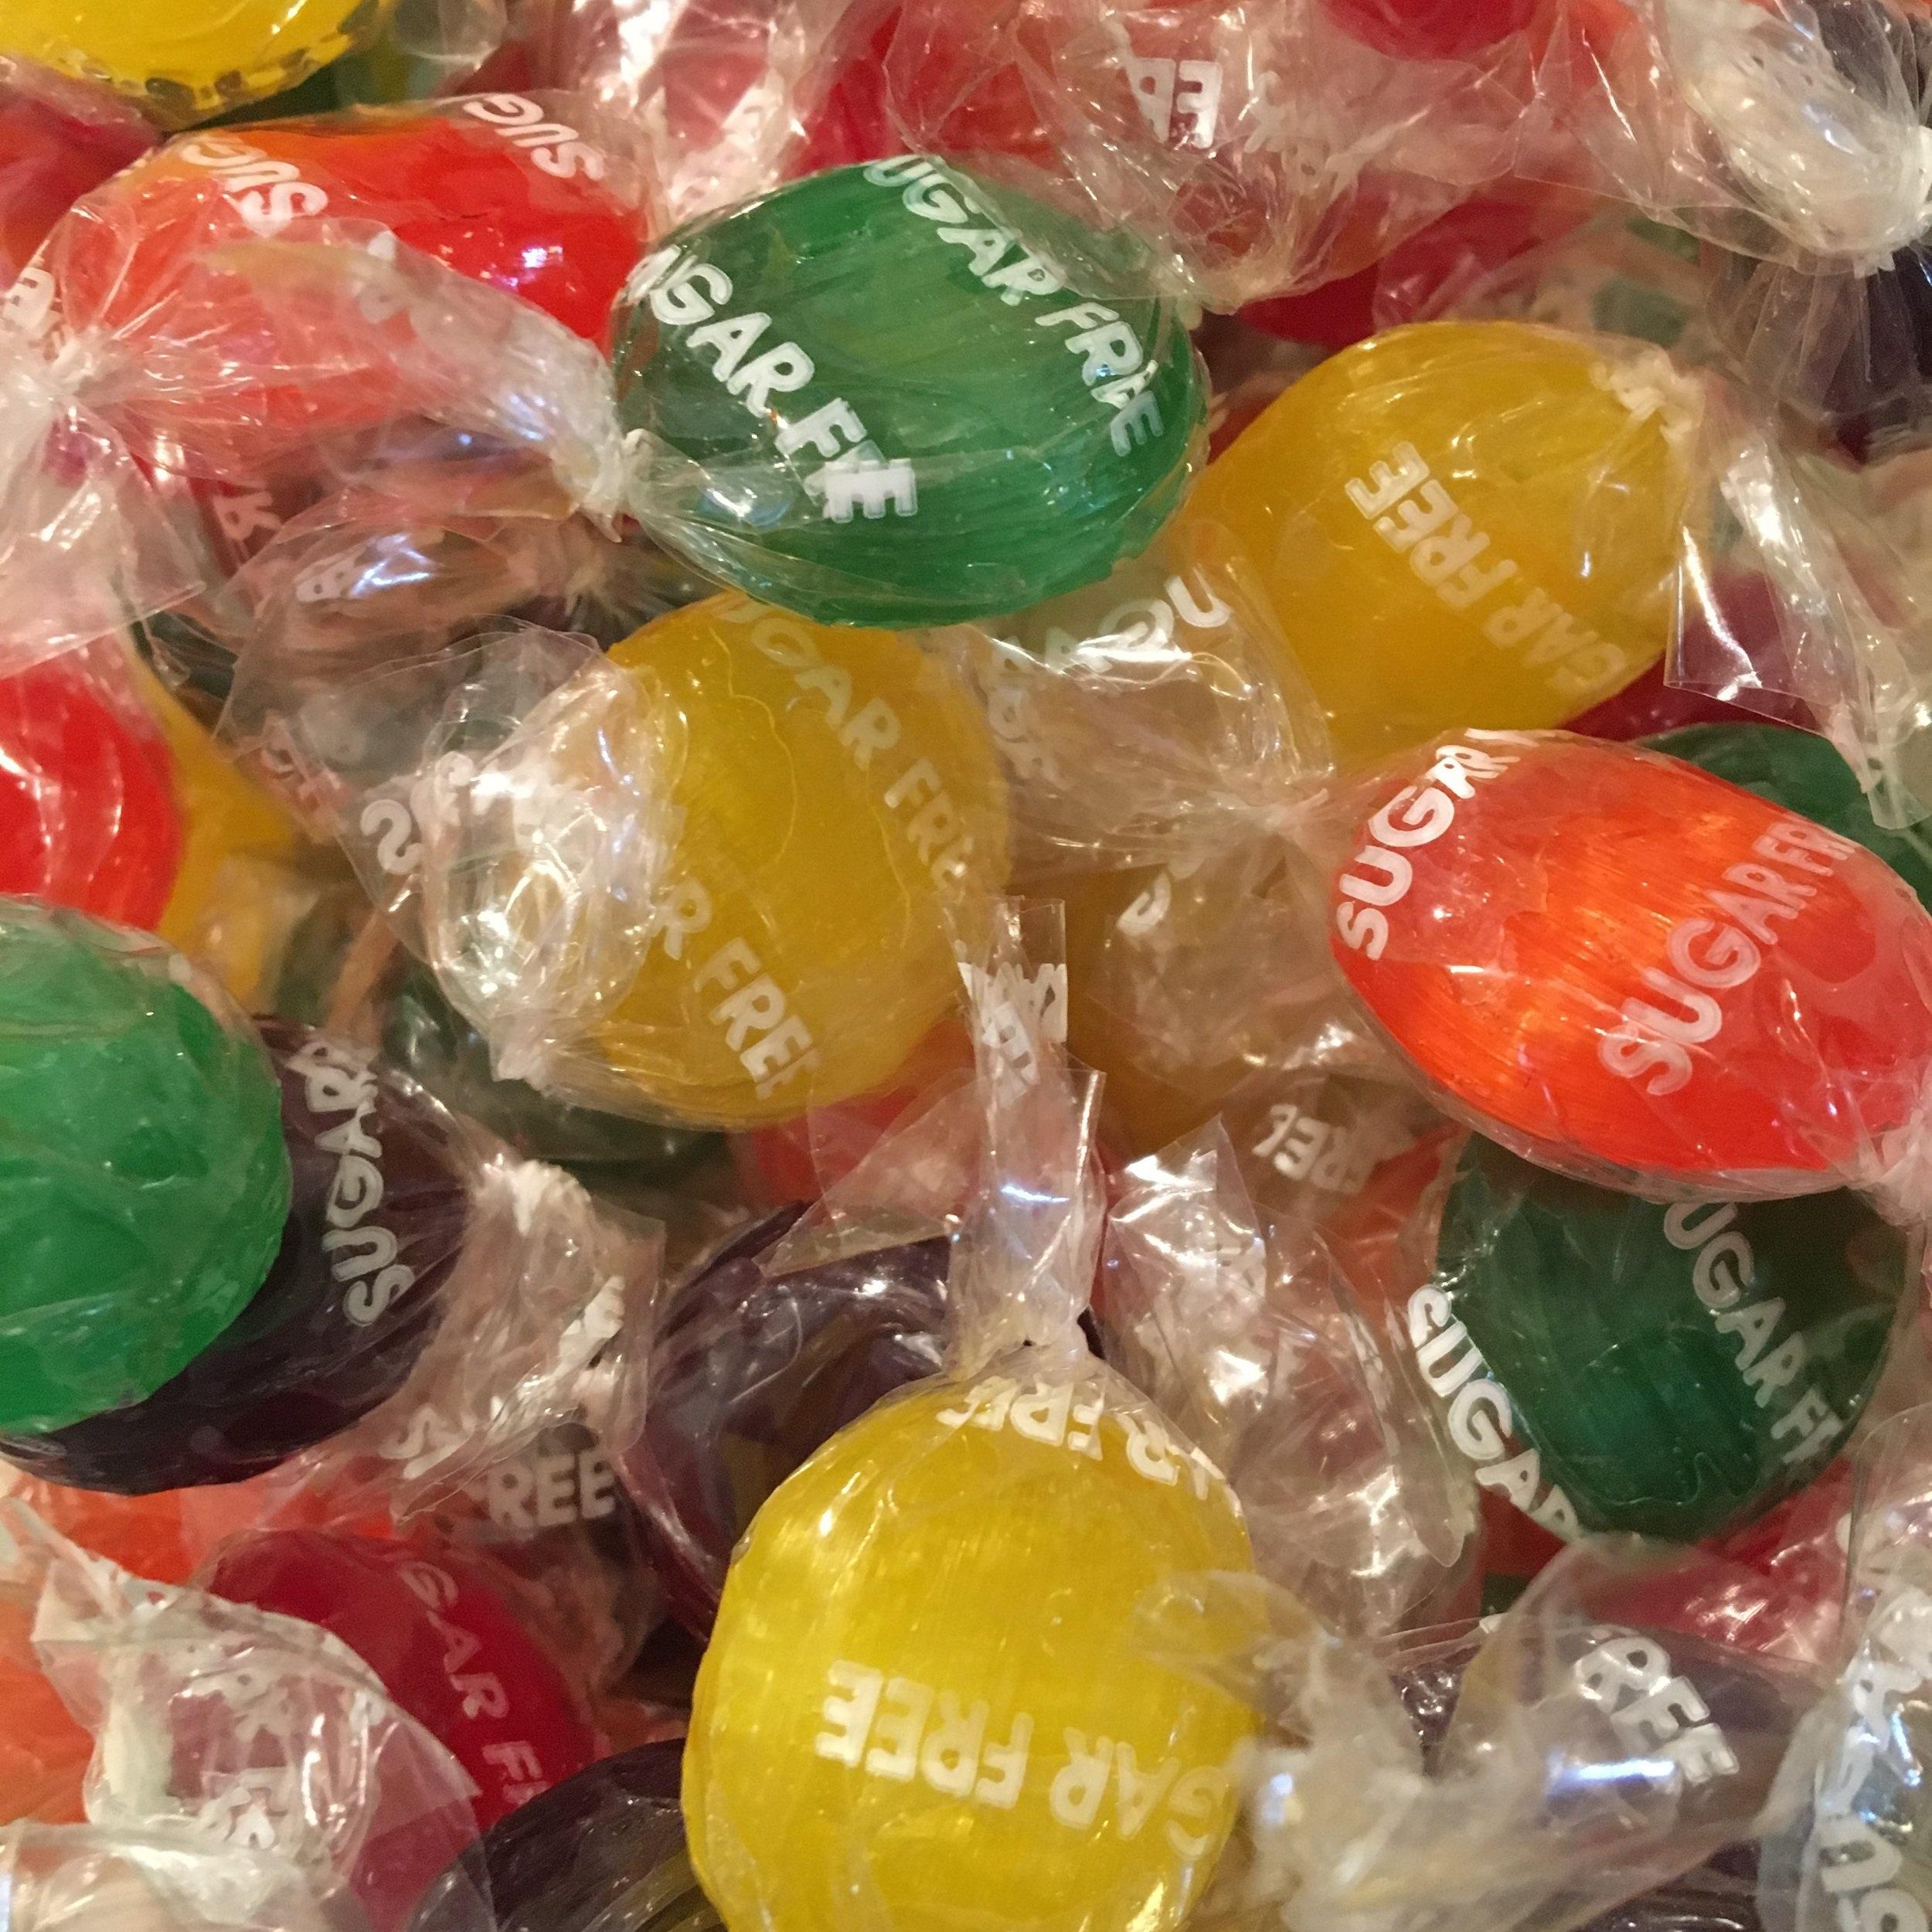 Sugar Free Fruit Buttons    10 cents each    1 lb. - $7.95    1/2 lb. - $4.00    1/4 lb. - $2.00